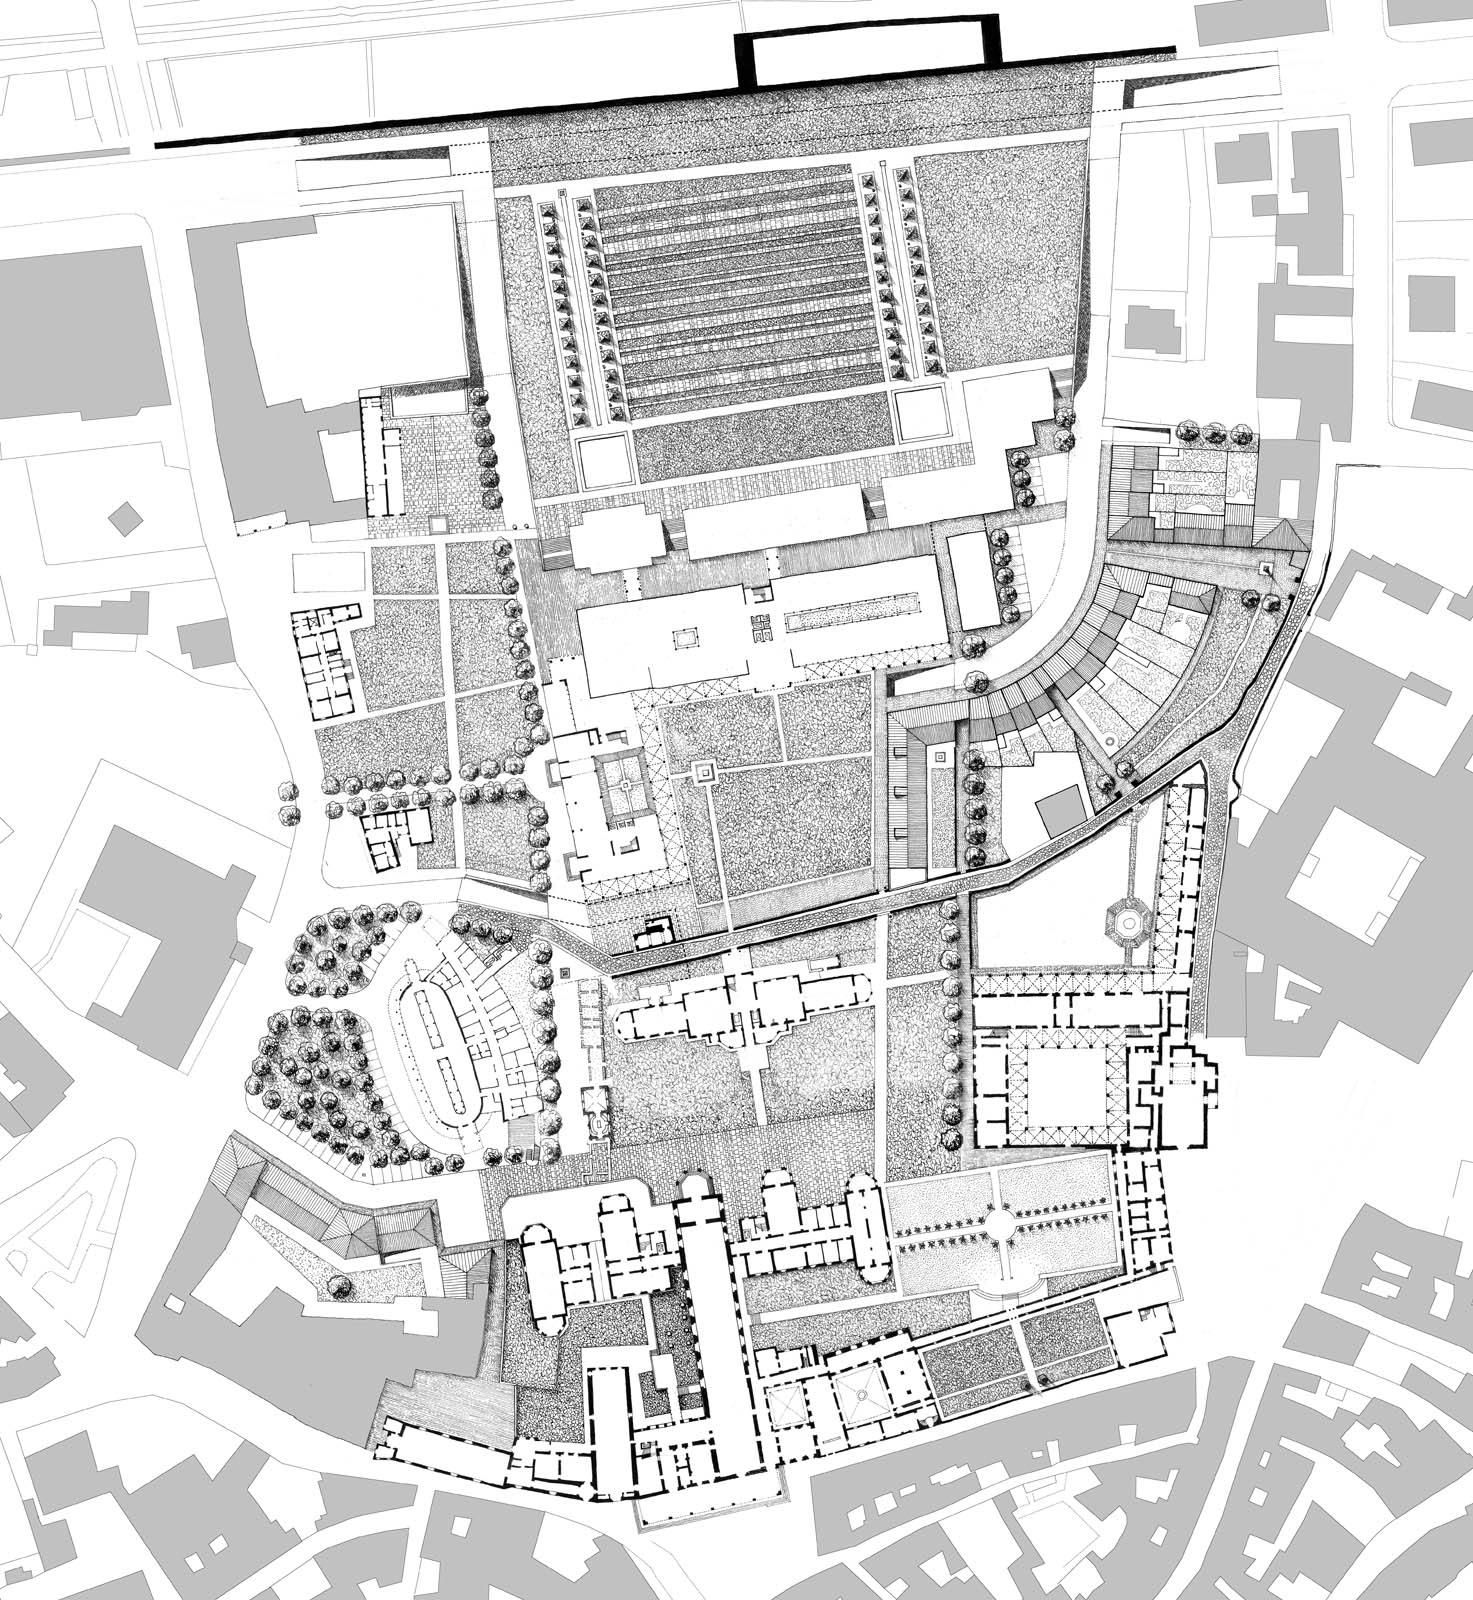 Pistoia ristrutturazione dell 39 ospedale del ceppo for Planimetrie delle case americane